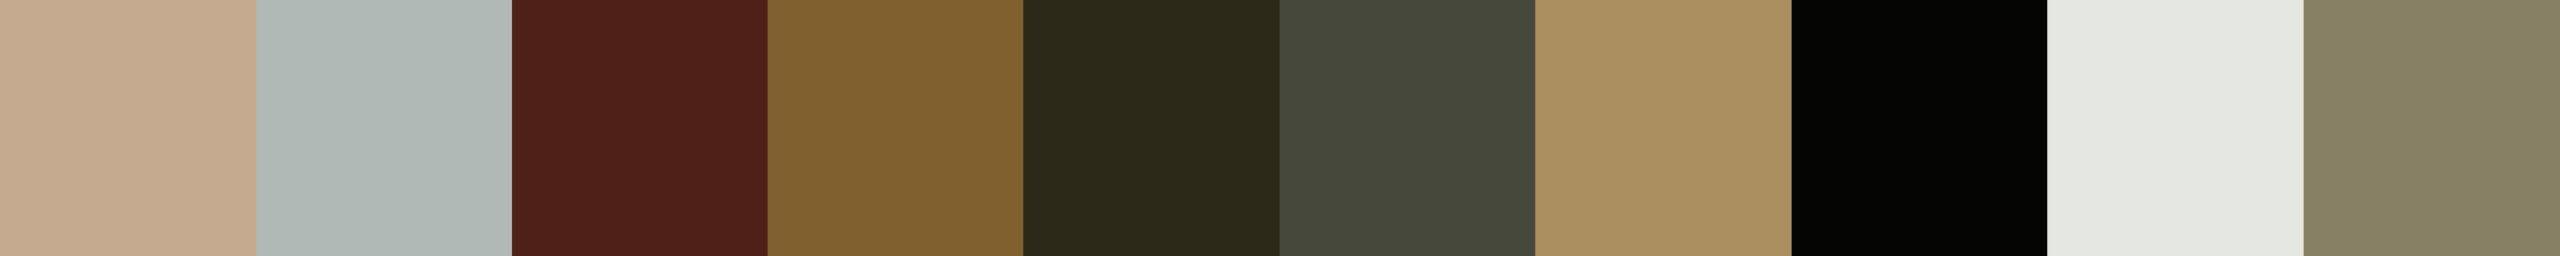 492 Antivelia Color Palette